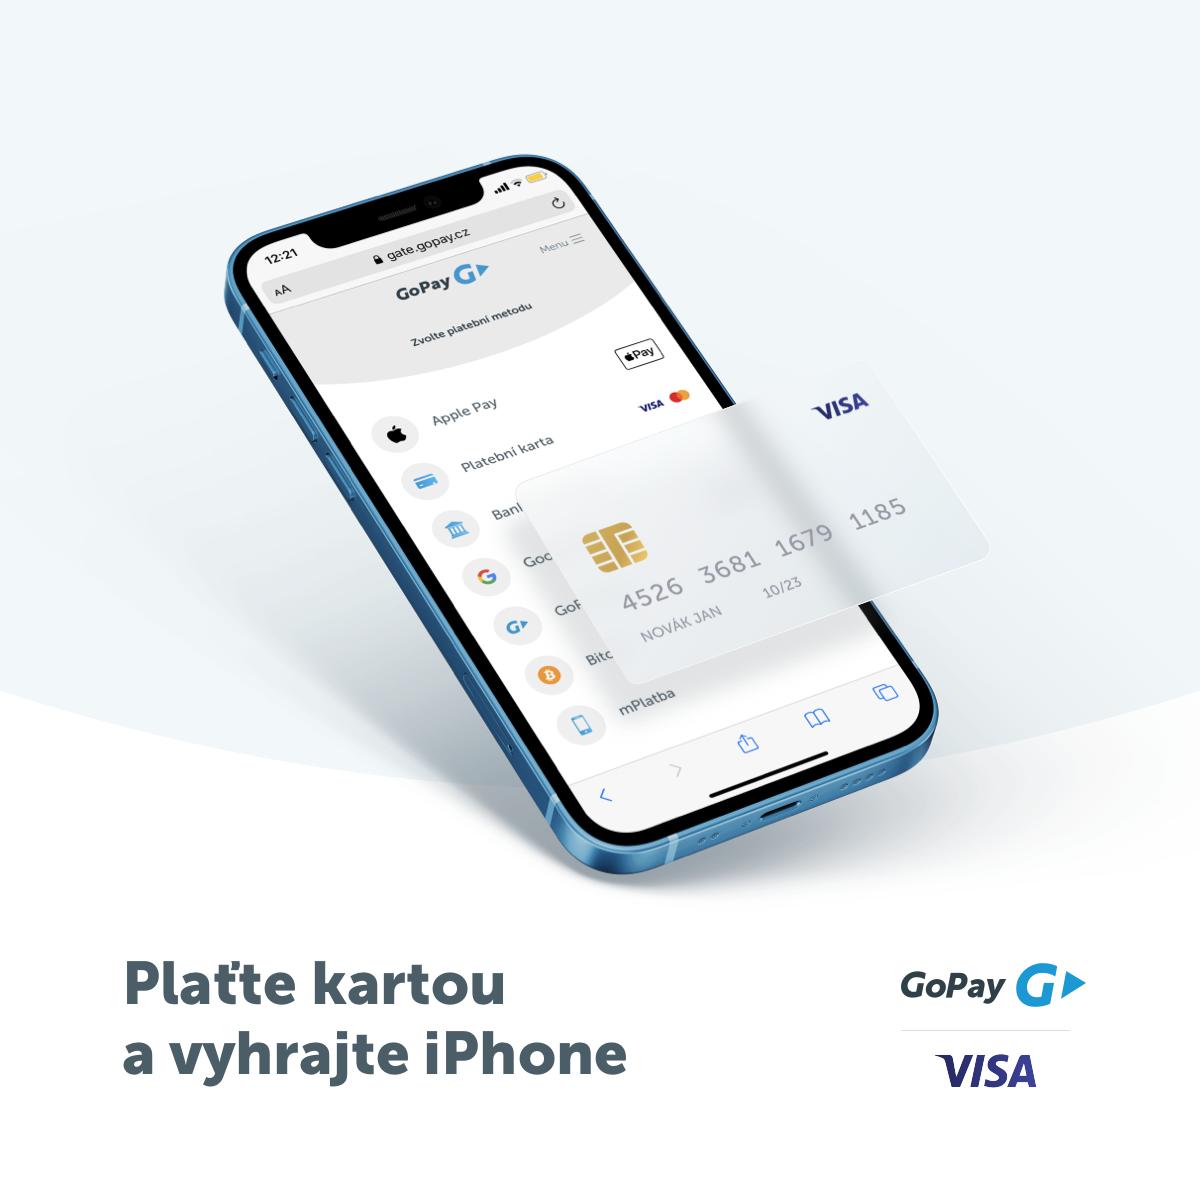 Plaťte kartou Visa a vyhrajte iPhone